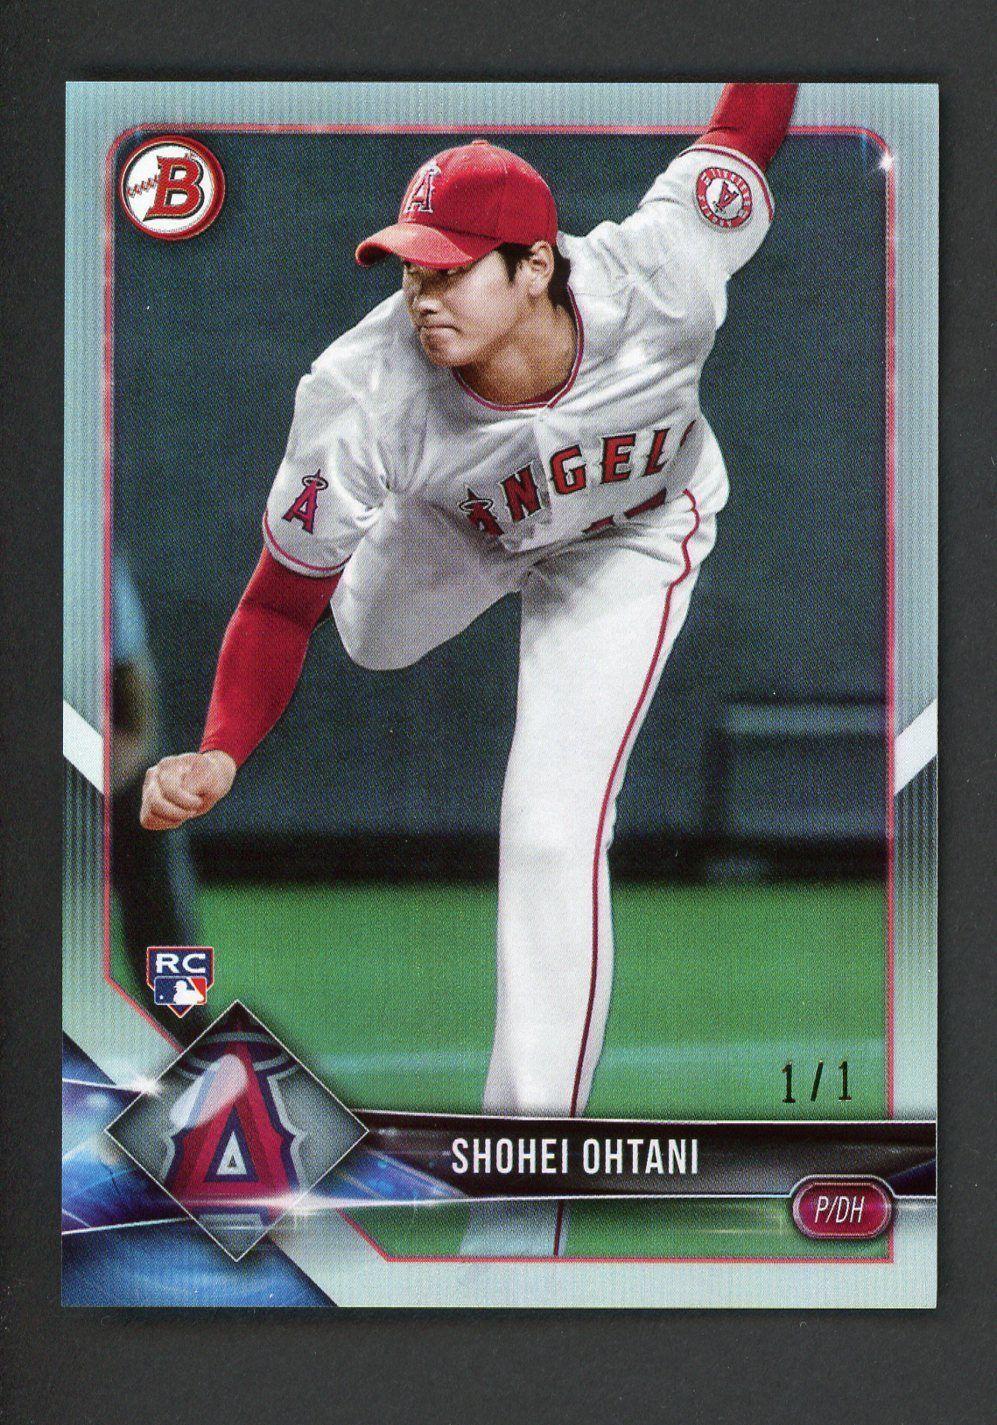 2018 Bowman Platinum Foil 49 Shohei Ohtani Angels Rc Rookie